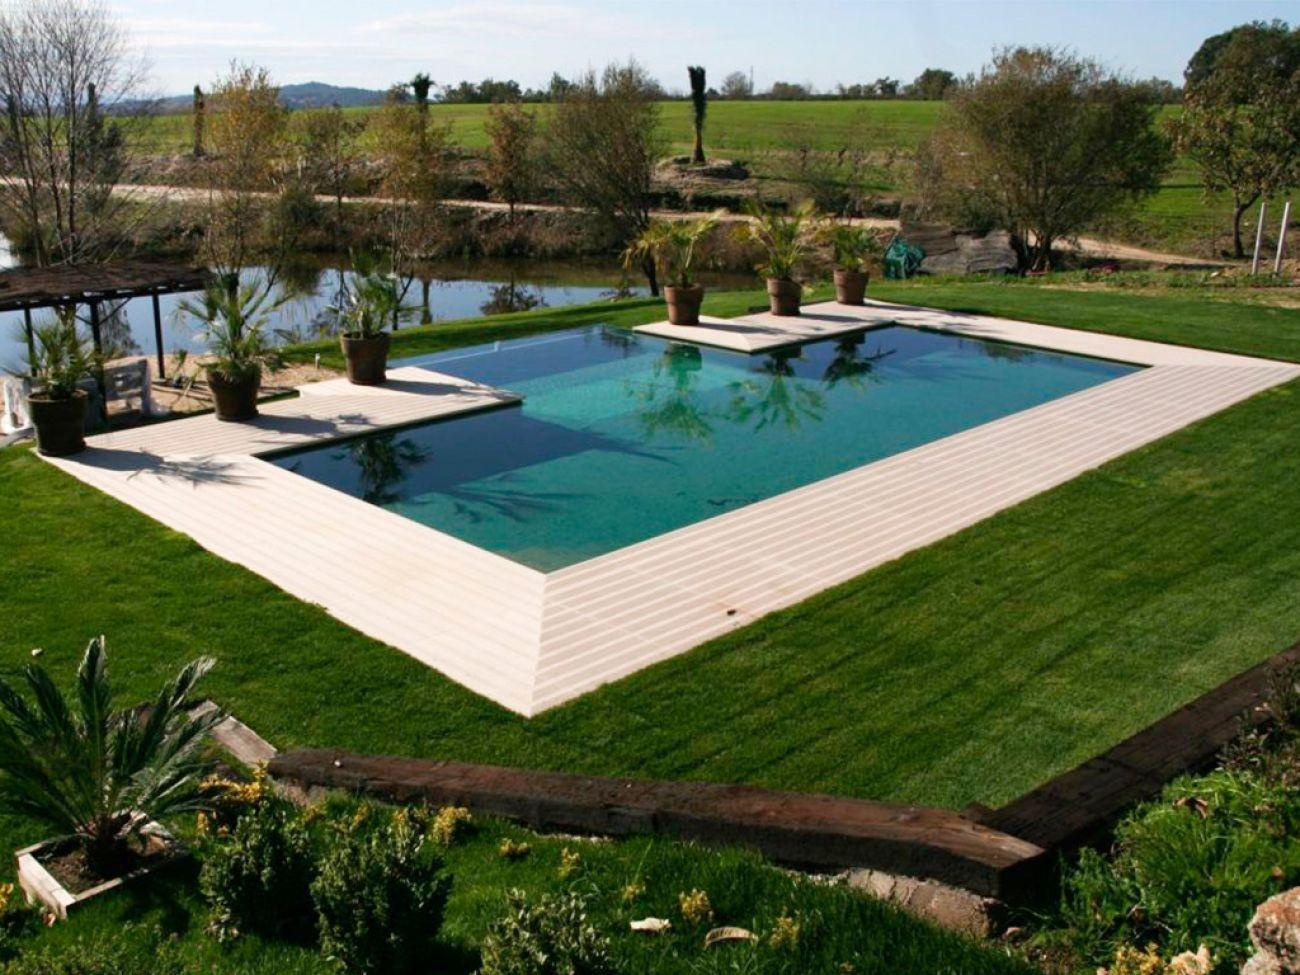 Construcci n de piscina desbordante en c ceres naturclara for Piscinas cubiertas alcobendas